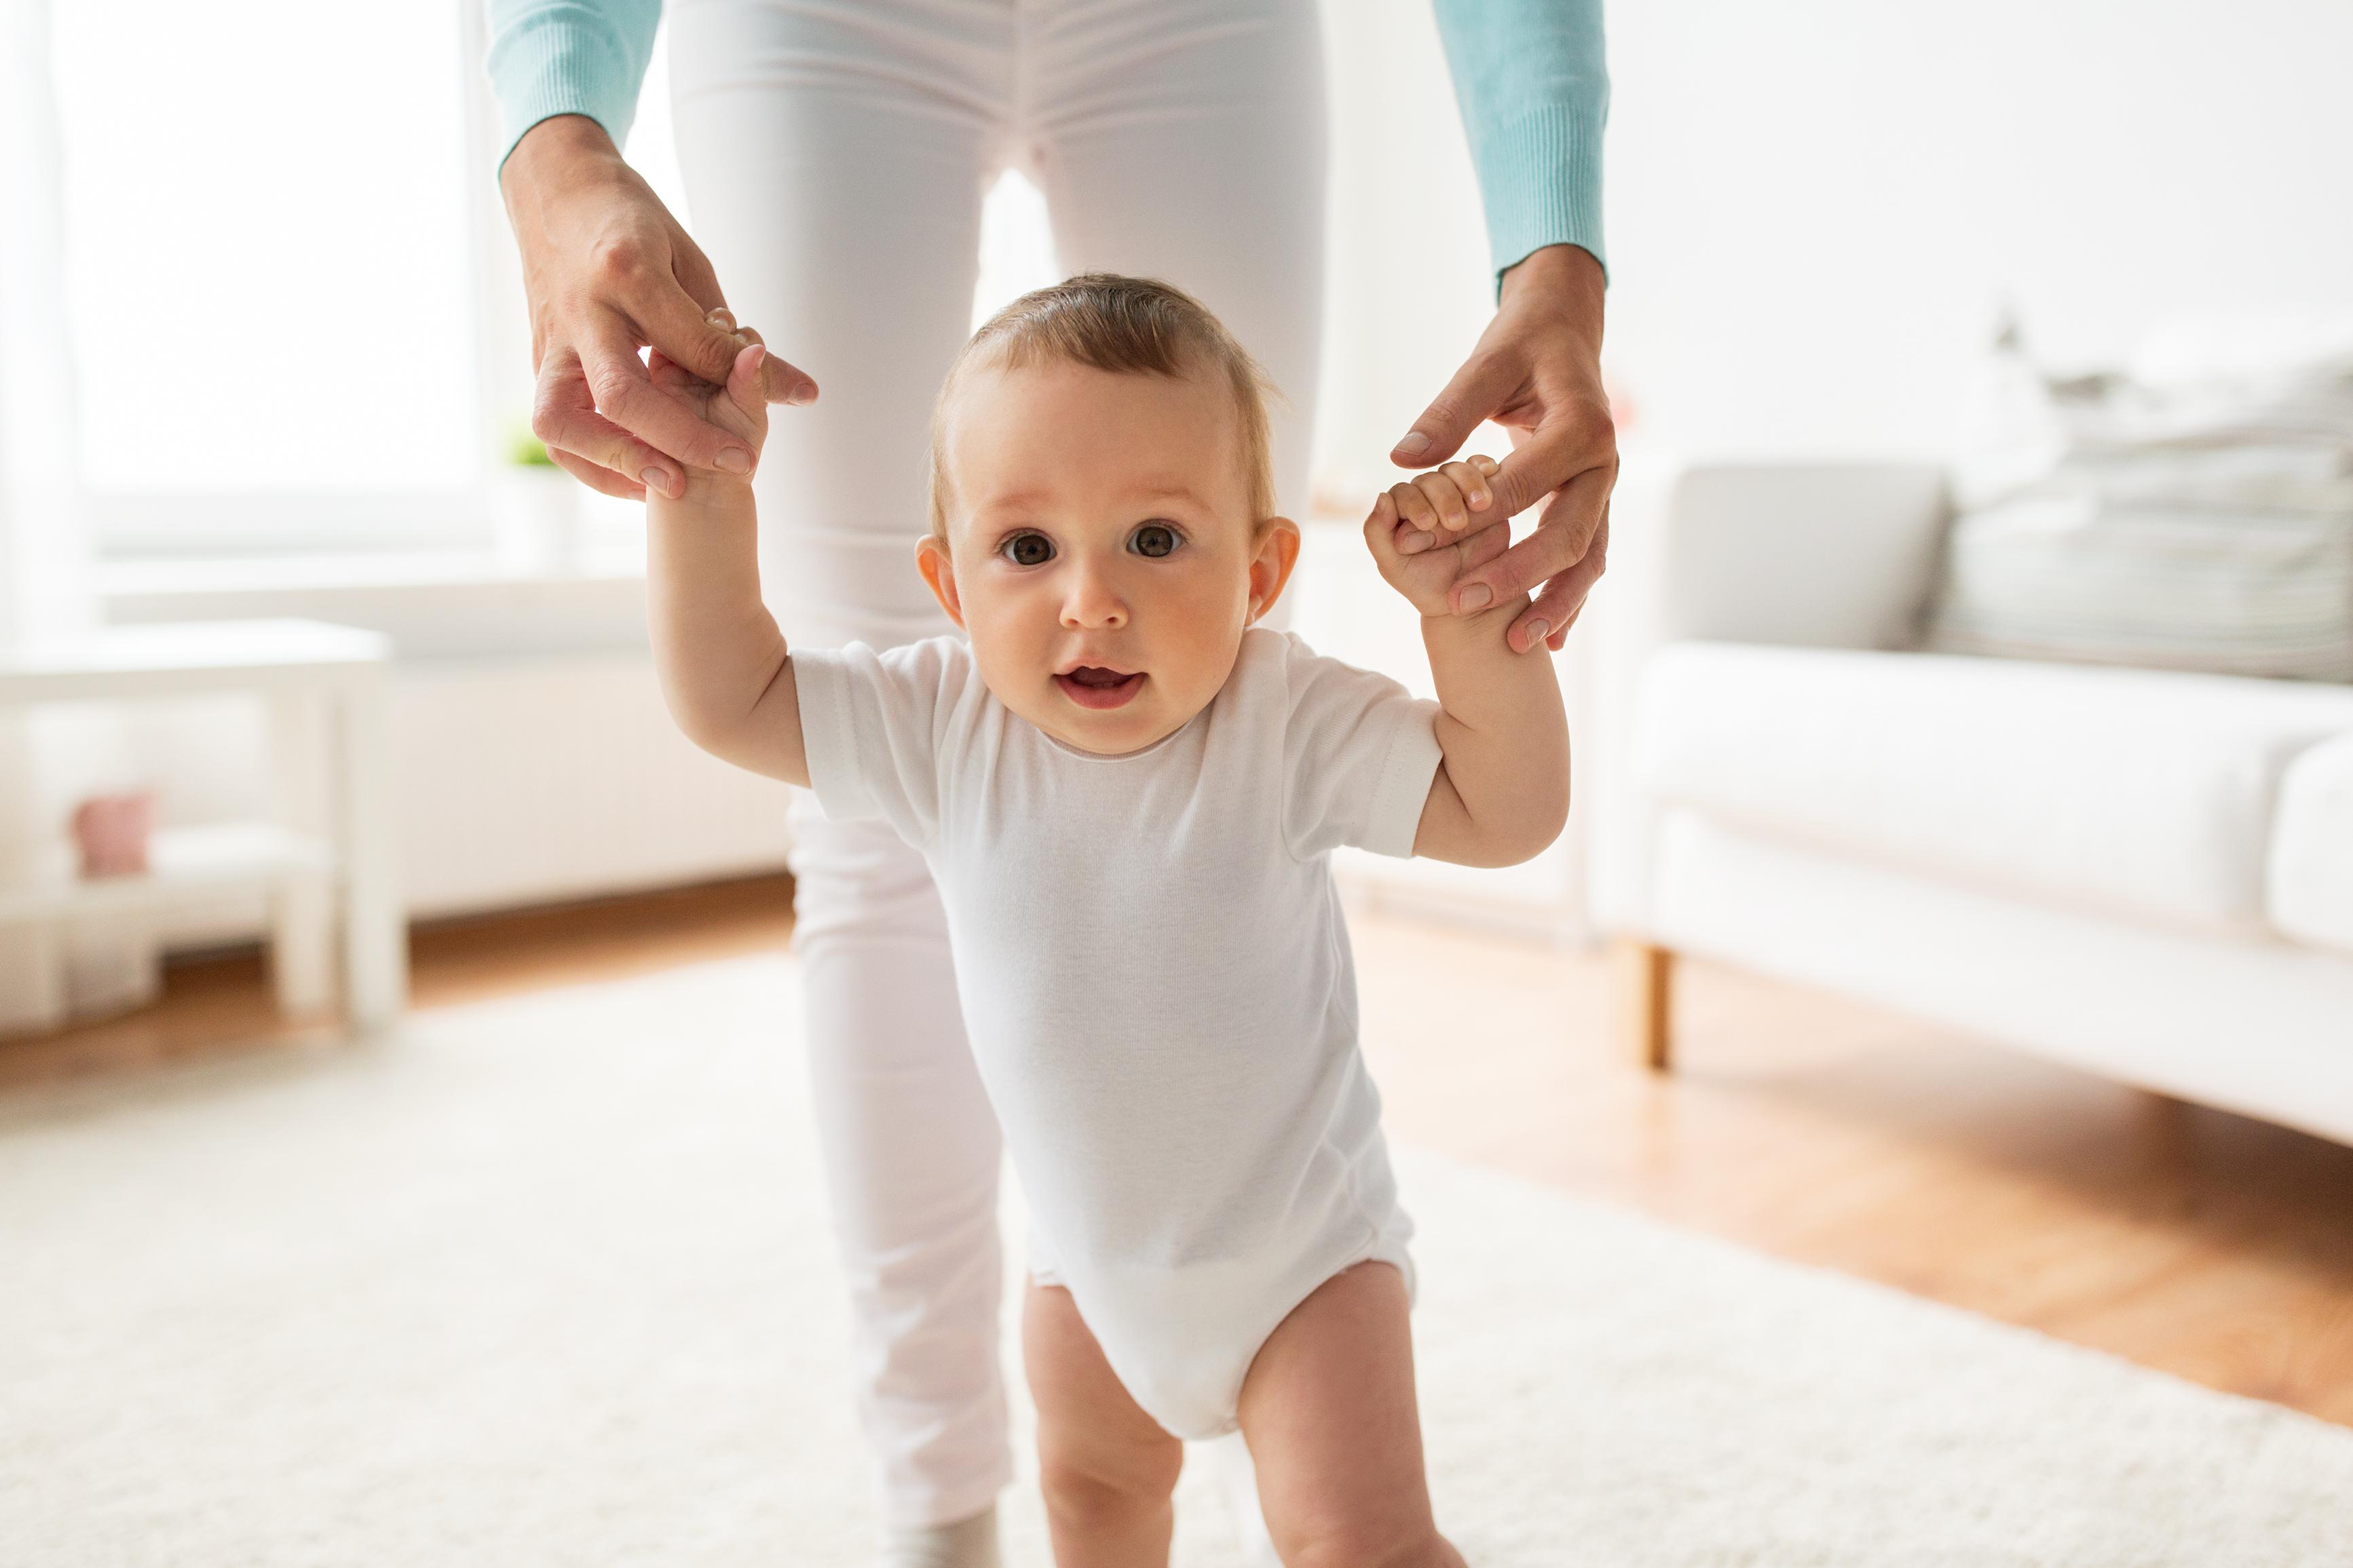 Forscher aus Harvard behaupten: So wird euer Kind ein guter Mensch